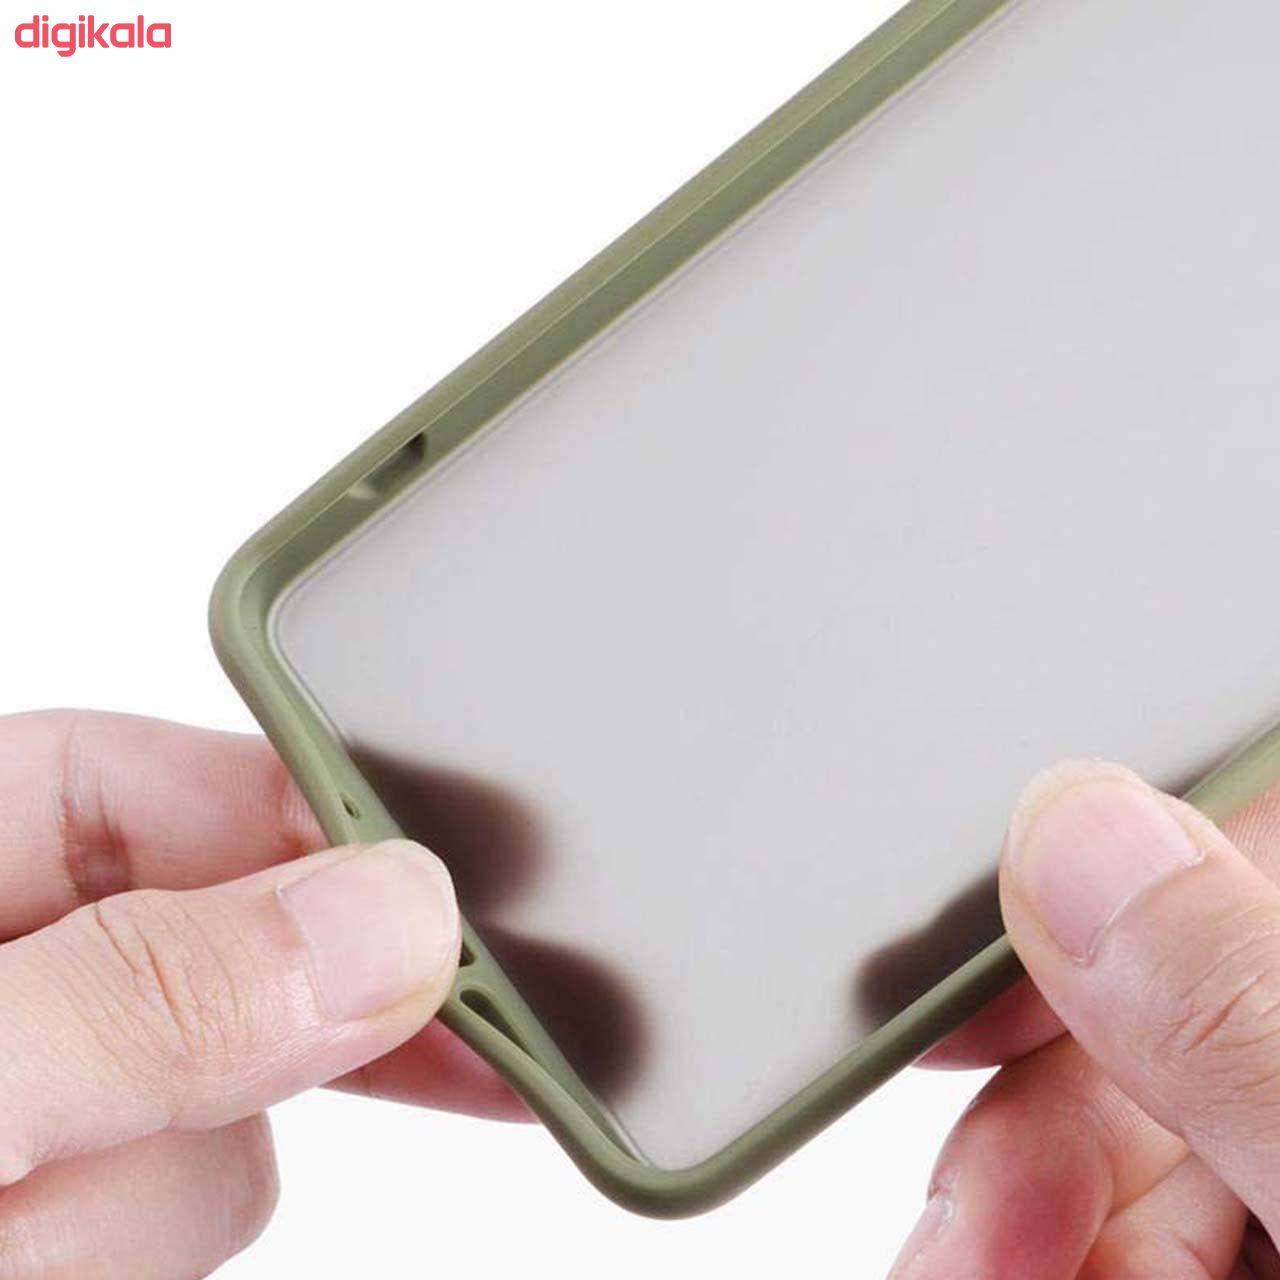 کاور کینگ پاور مدل M22 مناسب برای گوشی موبایل شیائومی Redmi Note 8 Pro main 1 7